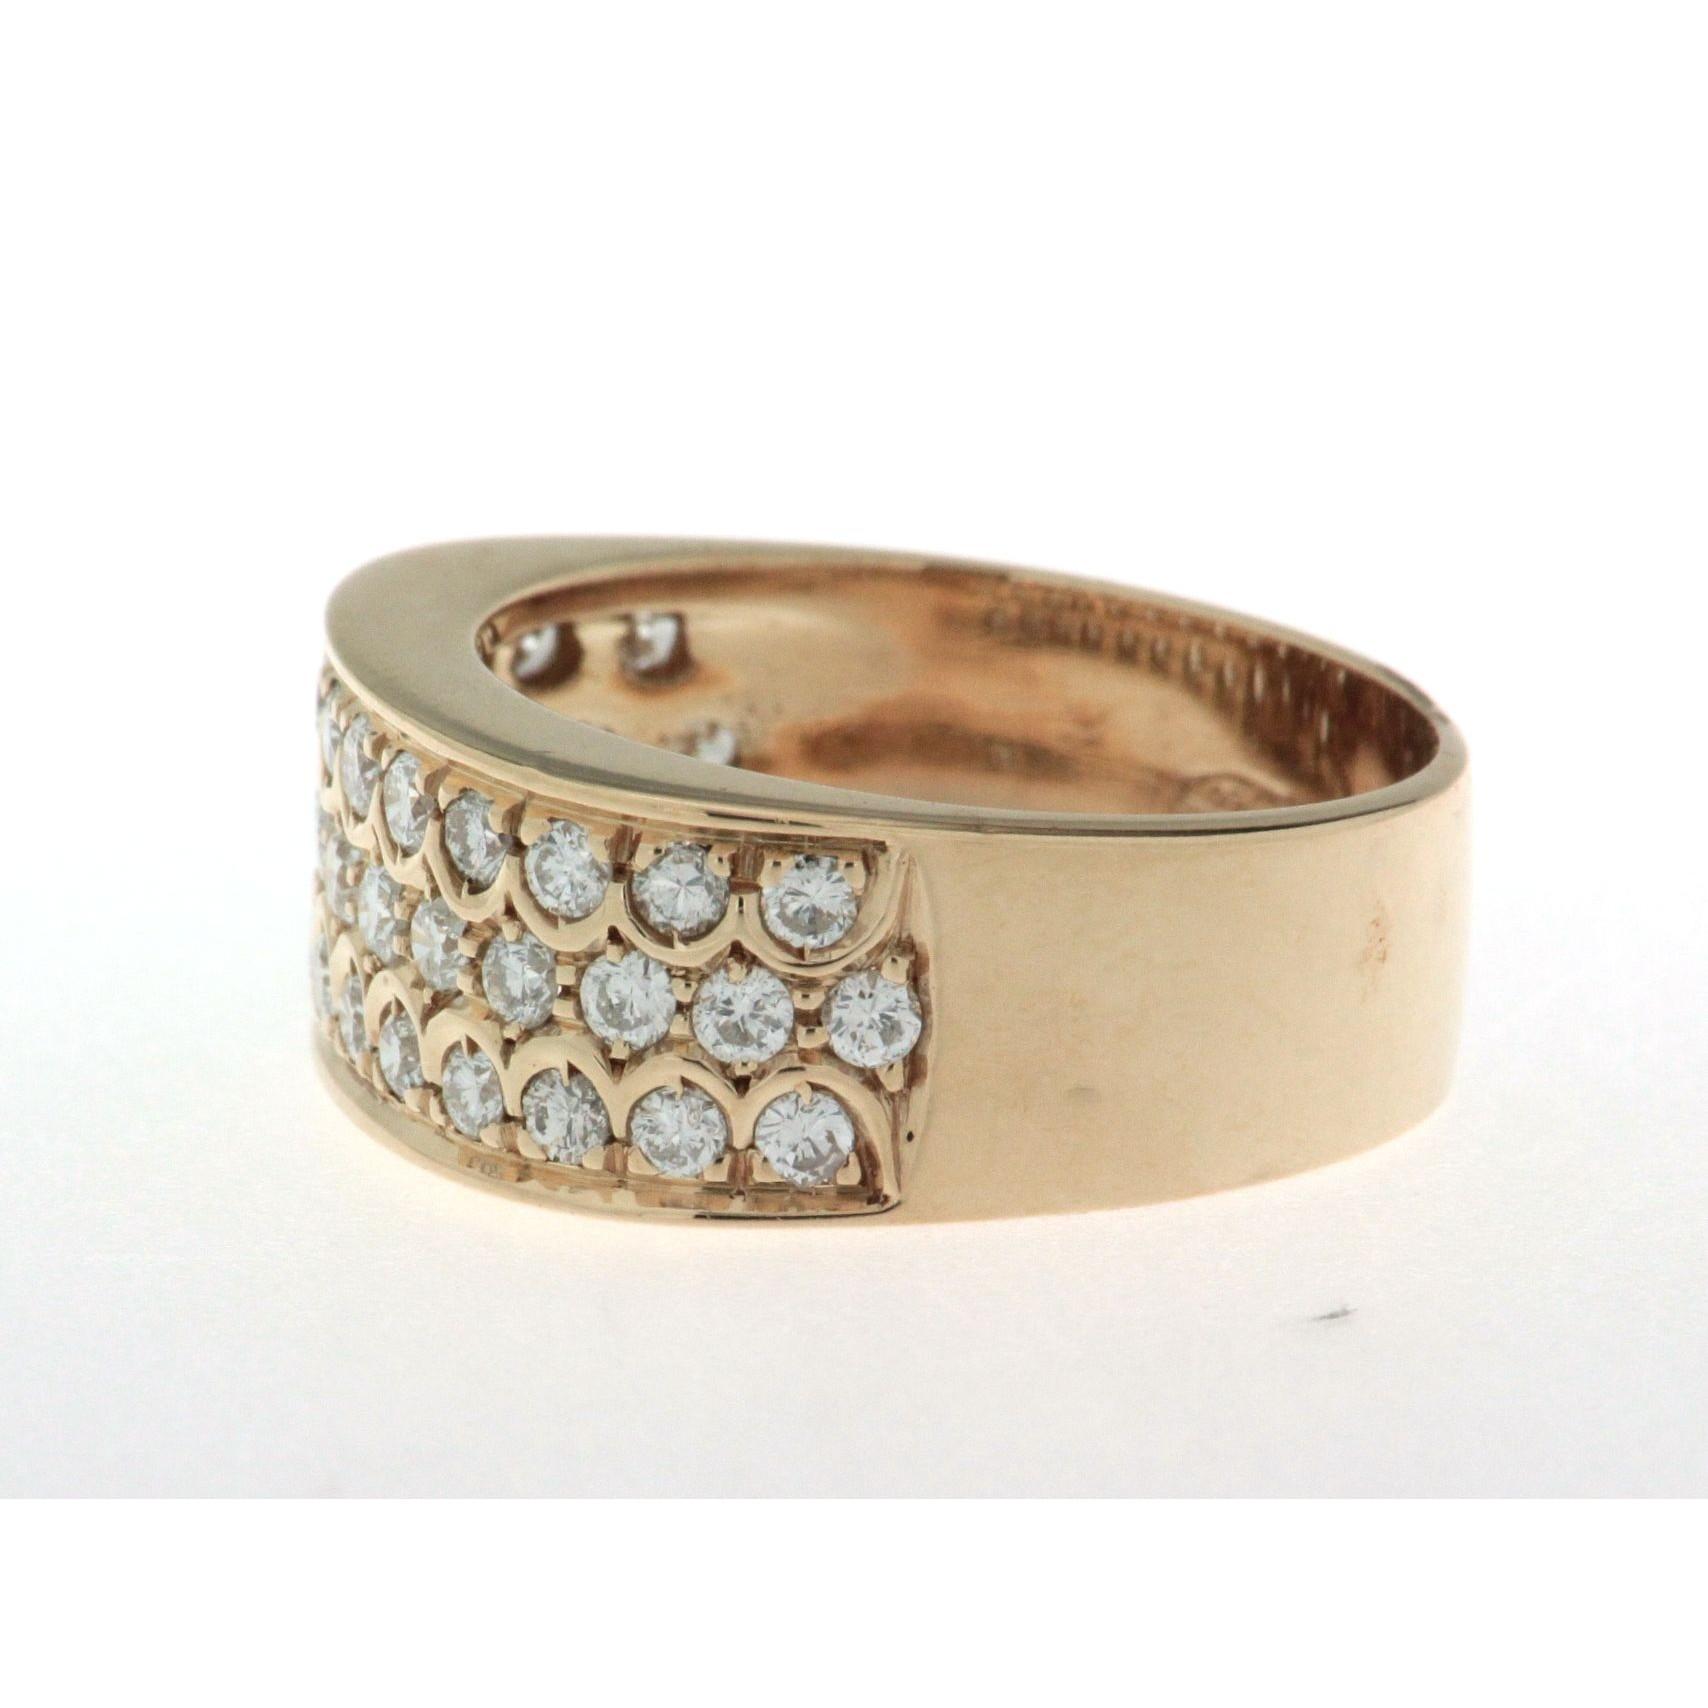 bague anneau large en or jaune 18k avec pav de diamants. Black Bedroom Furniture Sets. Home Design Ideas